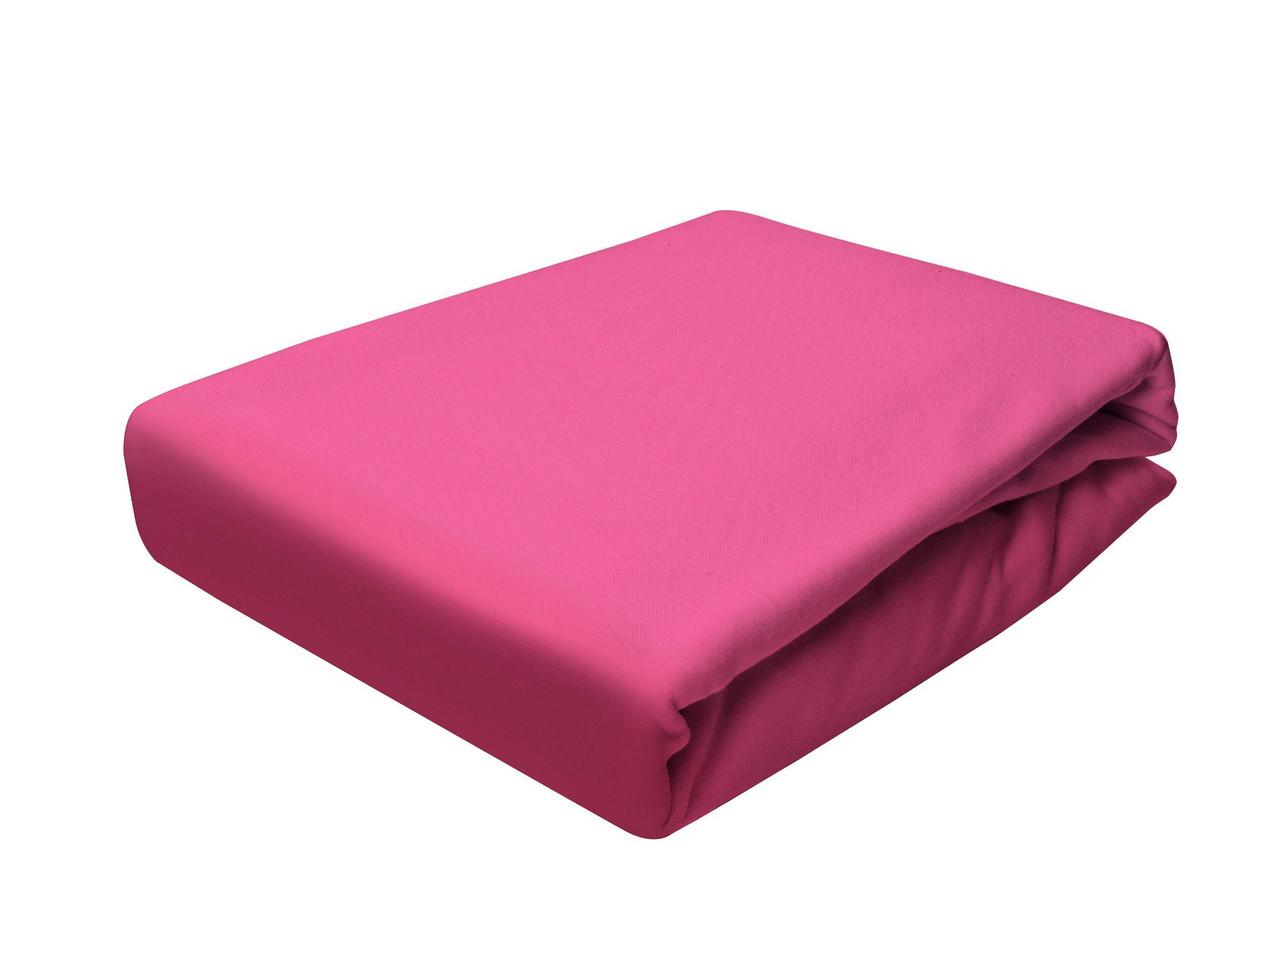 Простыня Трикотажная На резинке NR 023D Darymex 8779 200x220 см Розовая